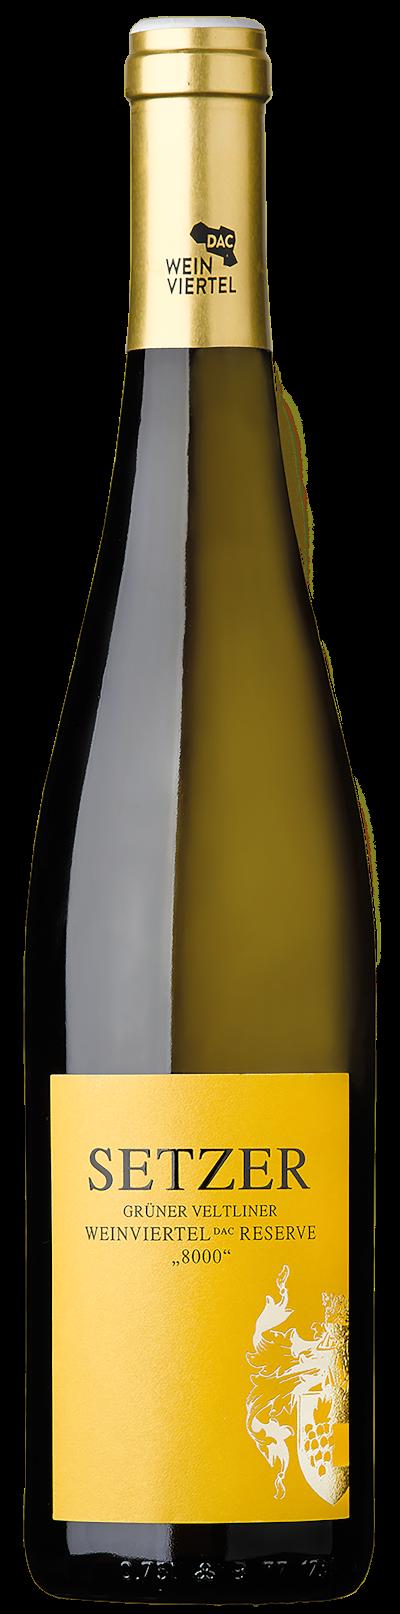 Setzer - Grüner Veltliner 8000 Weinviertel DAC Reserve